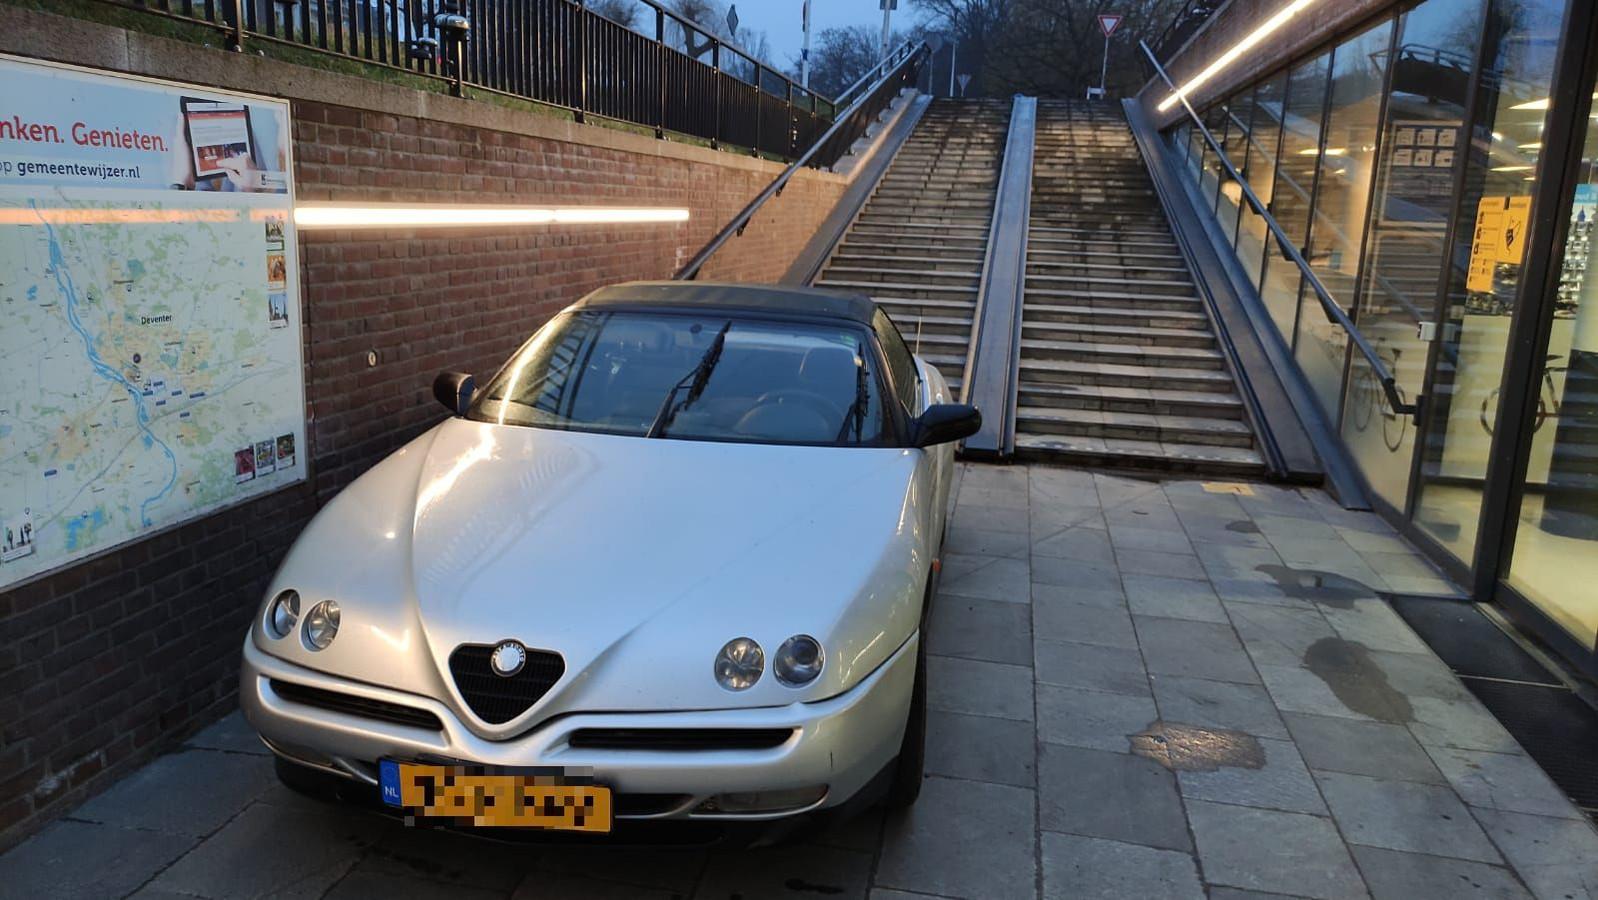 Een bestuurder van een Alfa Romeo parkeerde vanochtend zijn auto onder aan de trap van de fietsenstalling bij het station in Deventer. En pakte vervolgens de trein.